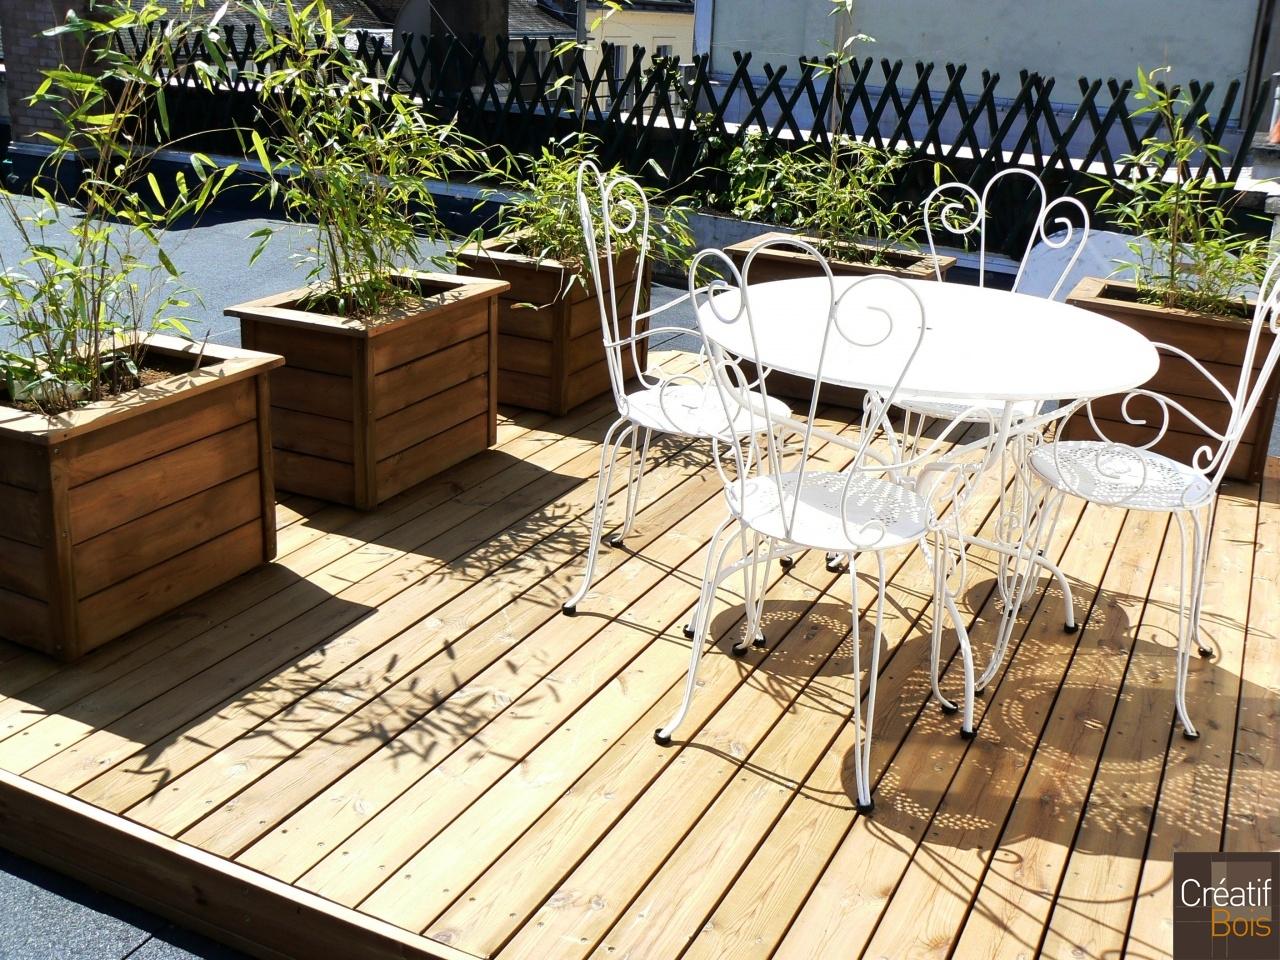 Terrasse Avec Bacs Plantes Corr Ze 19 Tulle Bac Plantes Galerie Cr Atif Bois